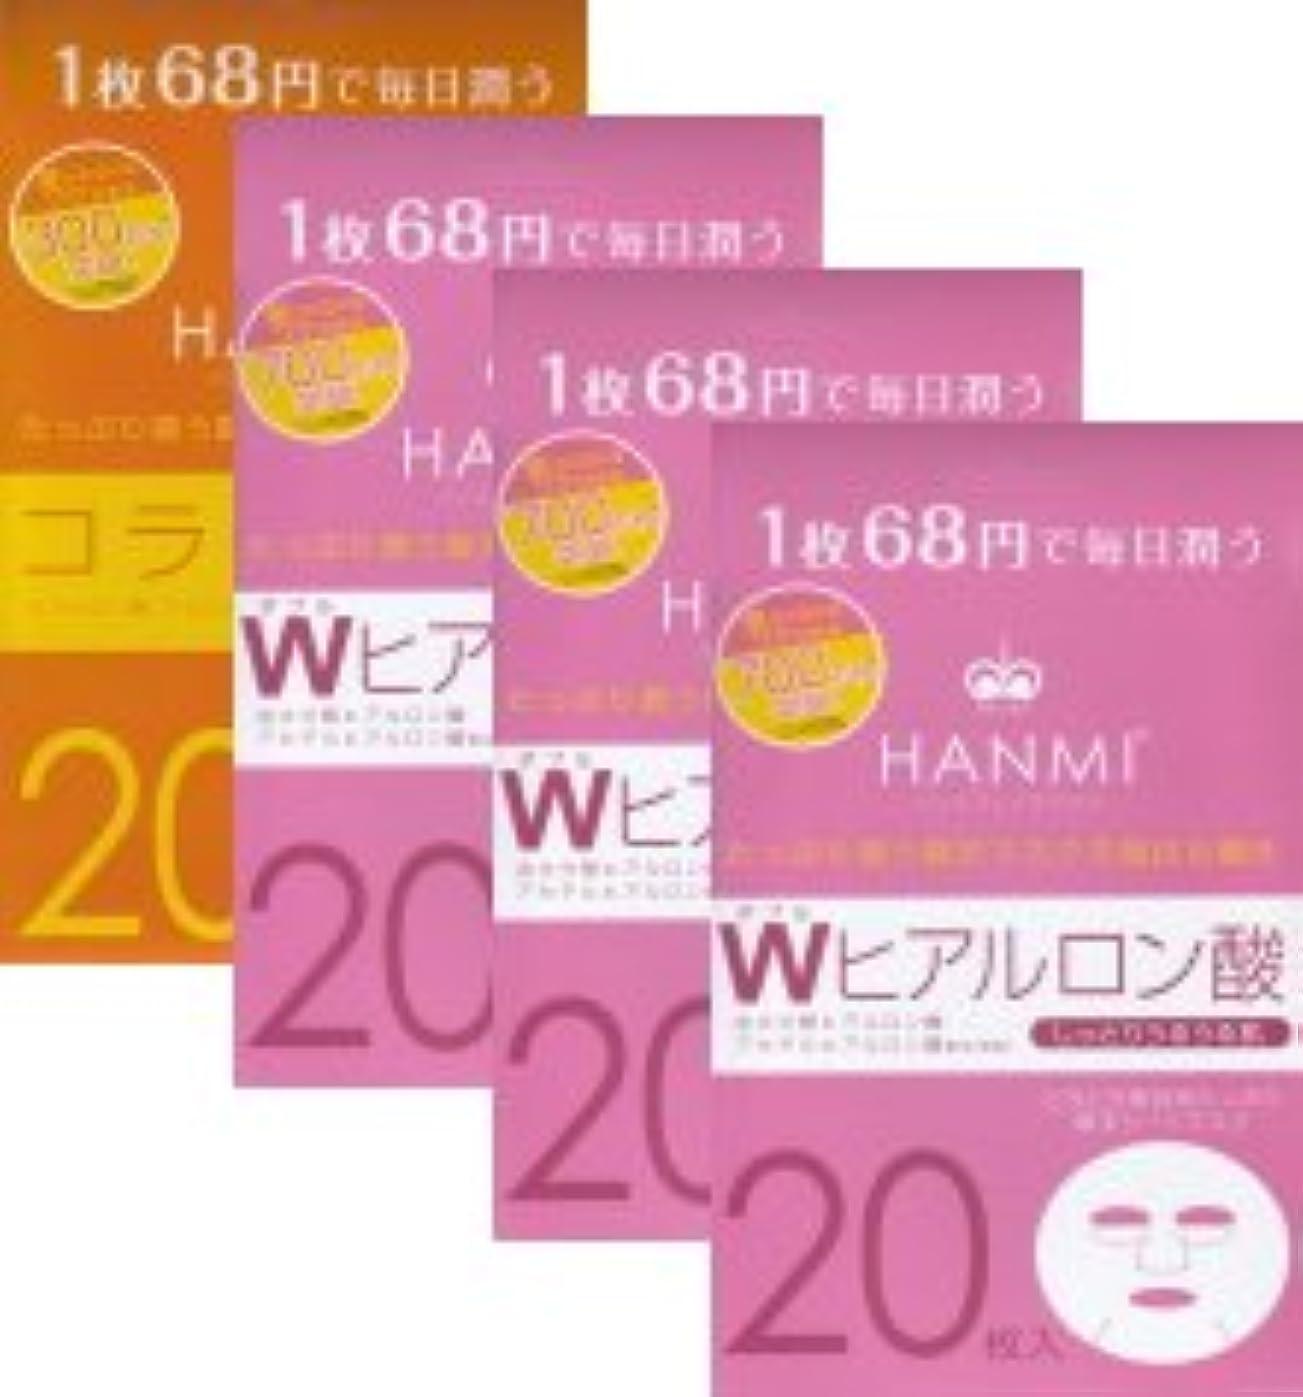 項目ライター騒ぎMIGAKI ハンミフェイスマスク(20枚入り)「コラーゲン×1個」「Wヒアルロン酸×3個」の4個セット